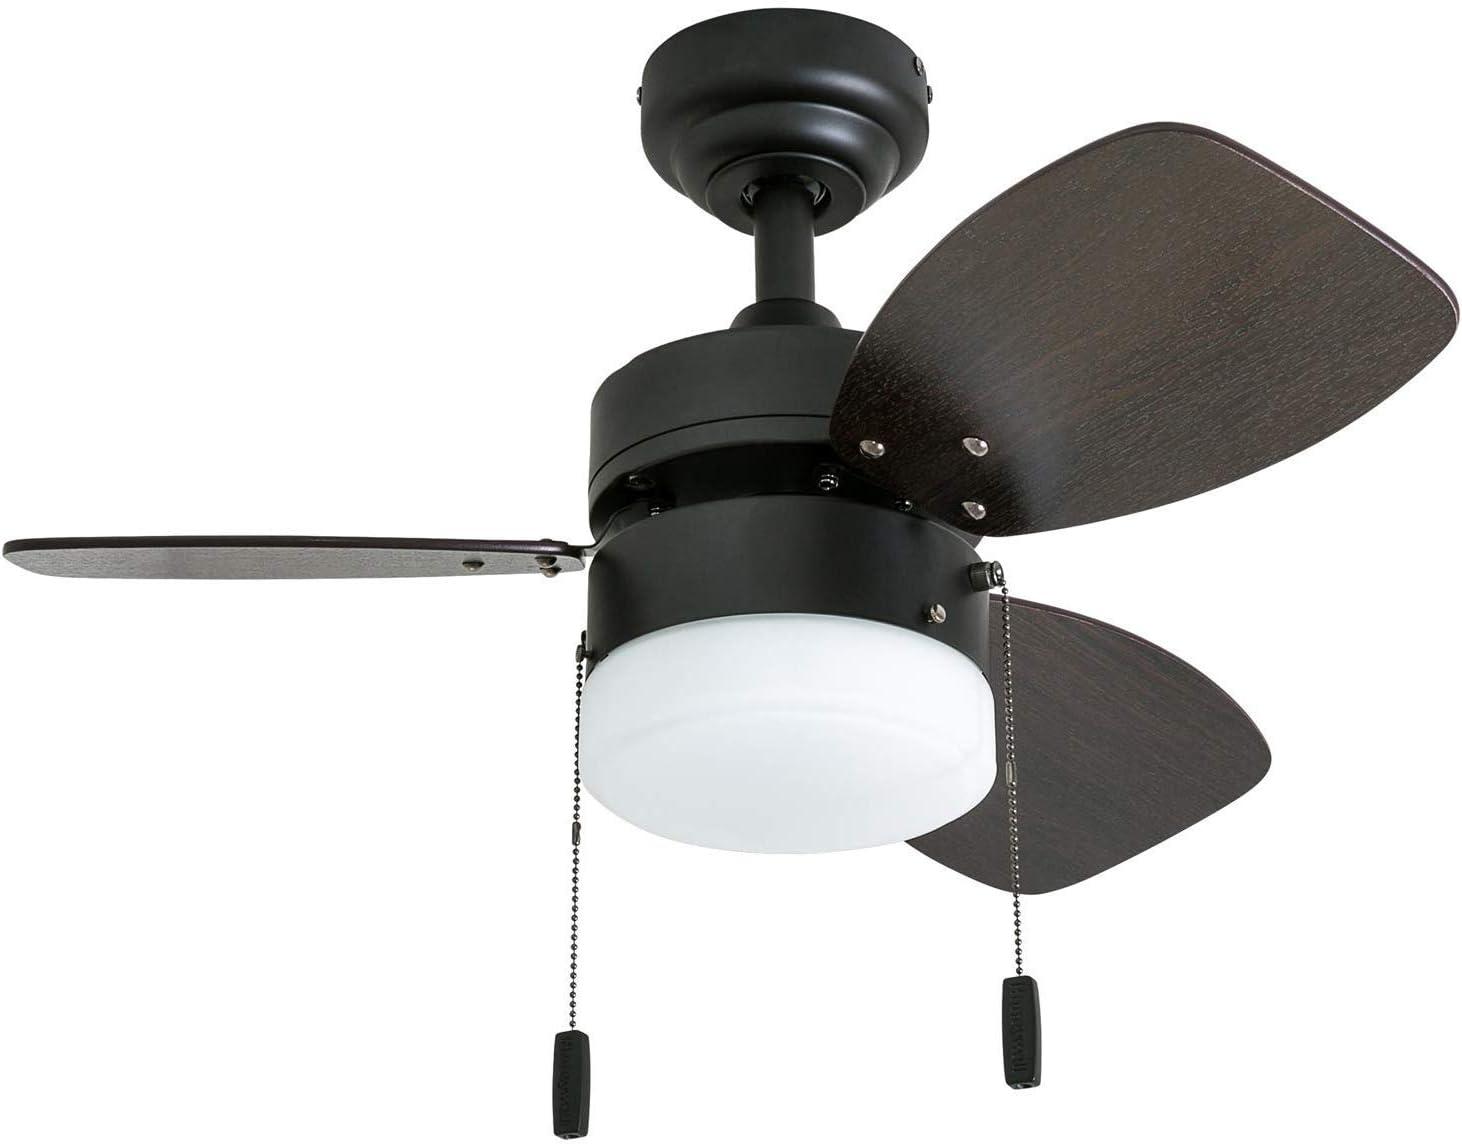 Honeywell Ceiling Fans 50602-01 Ocean Breeze Contemporary